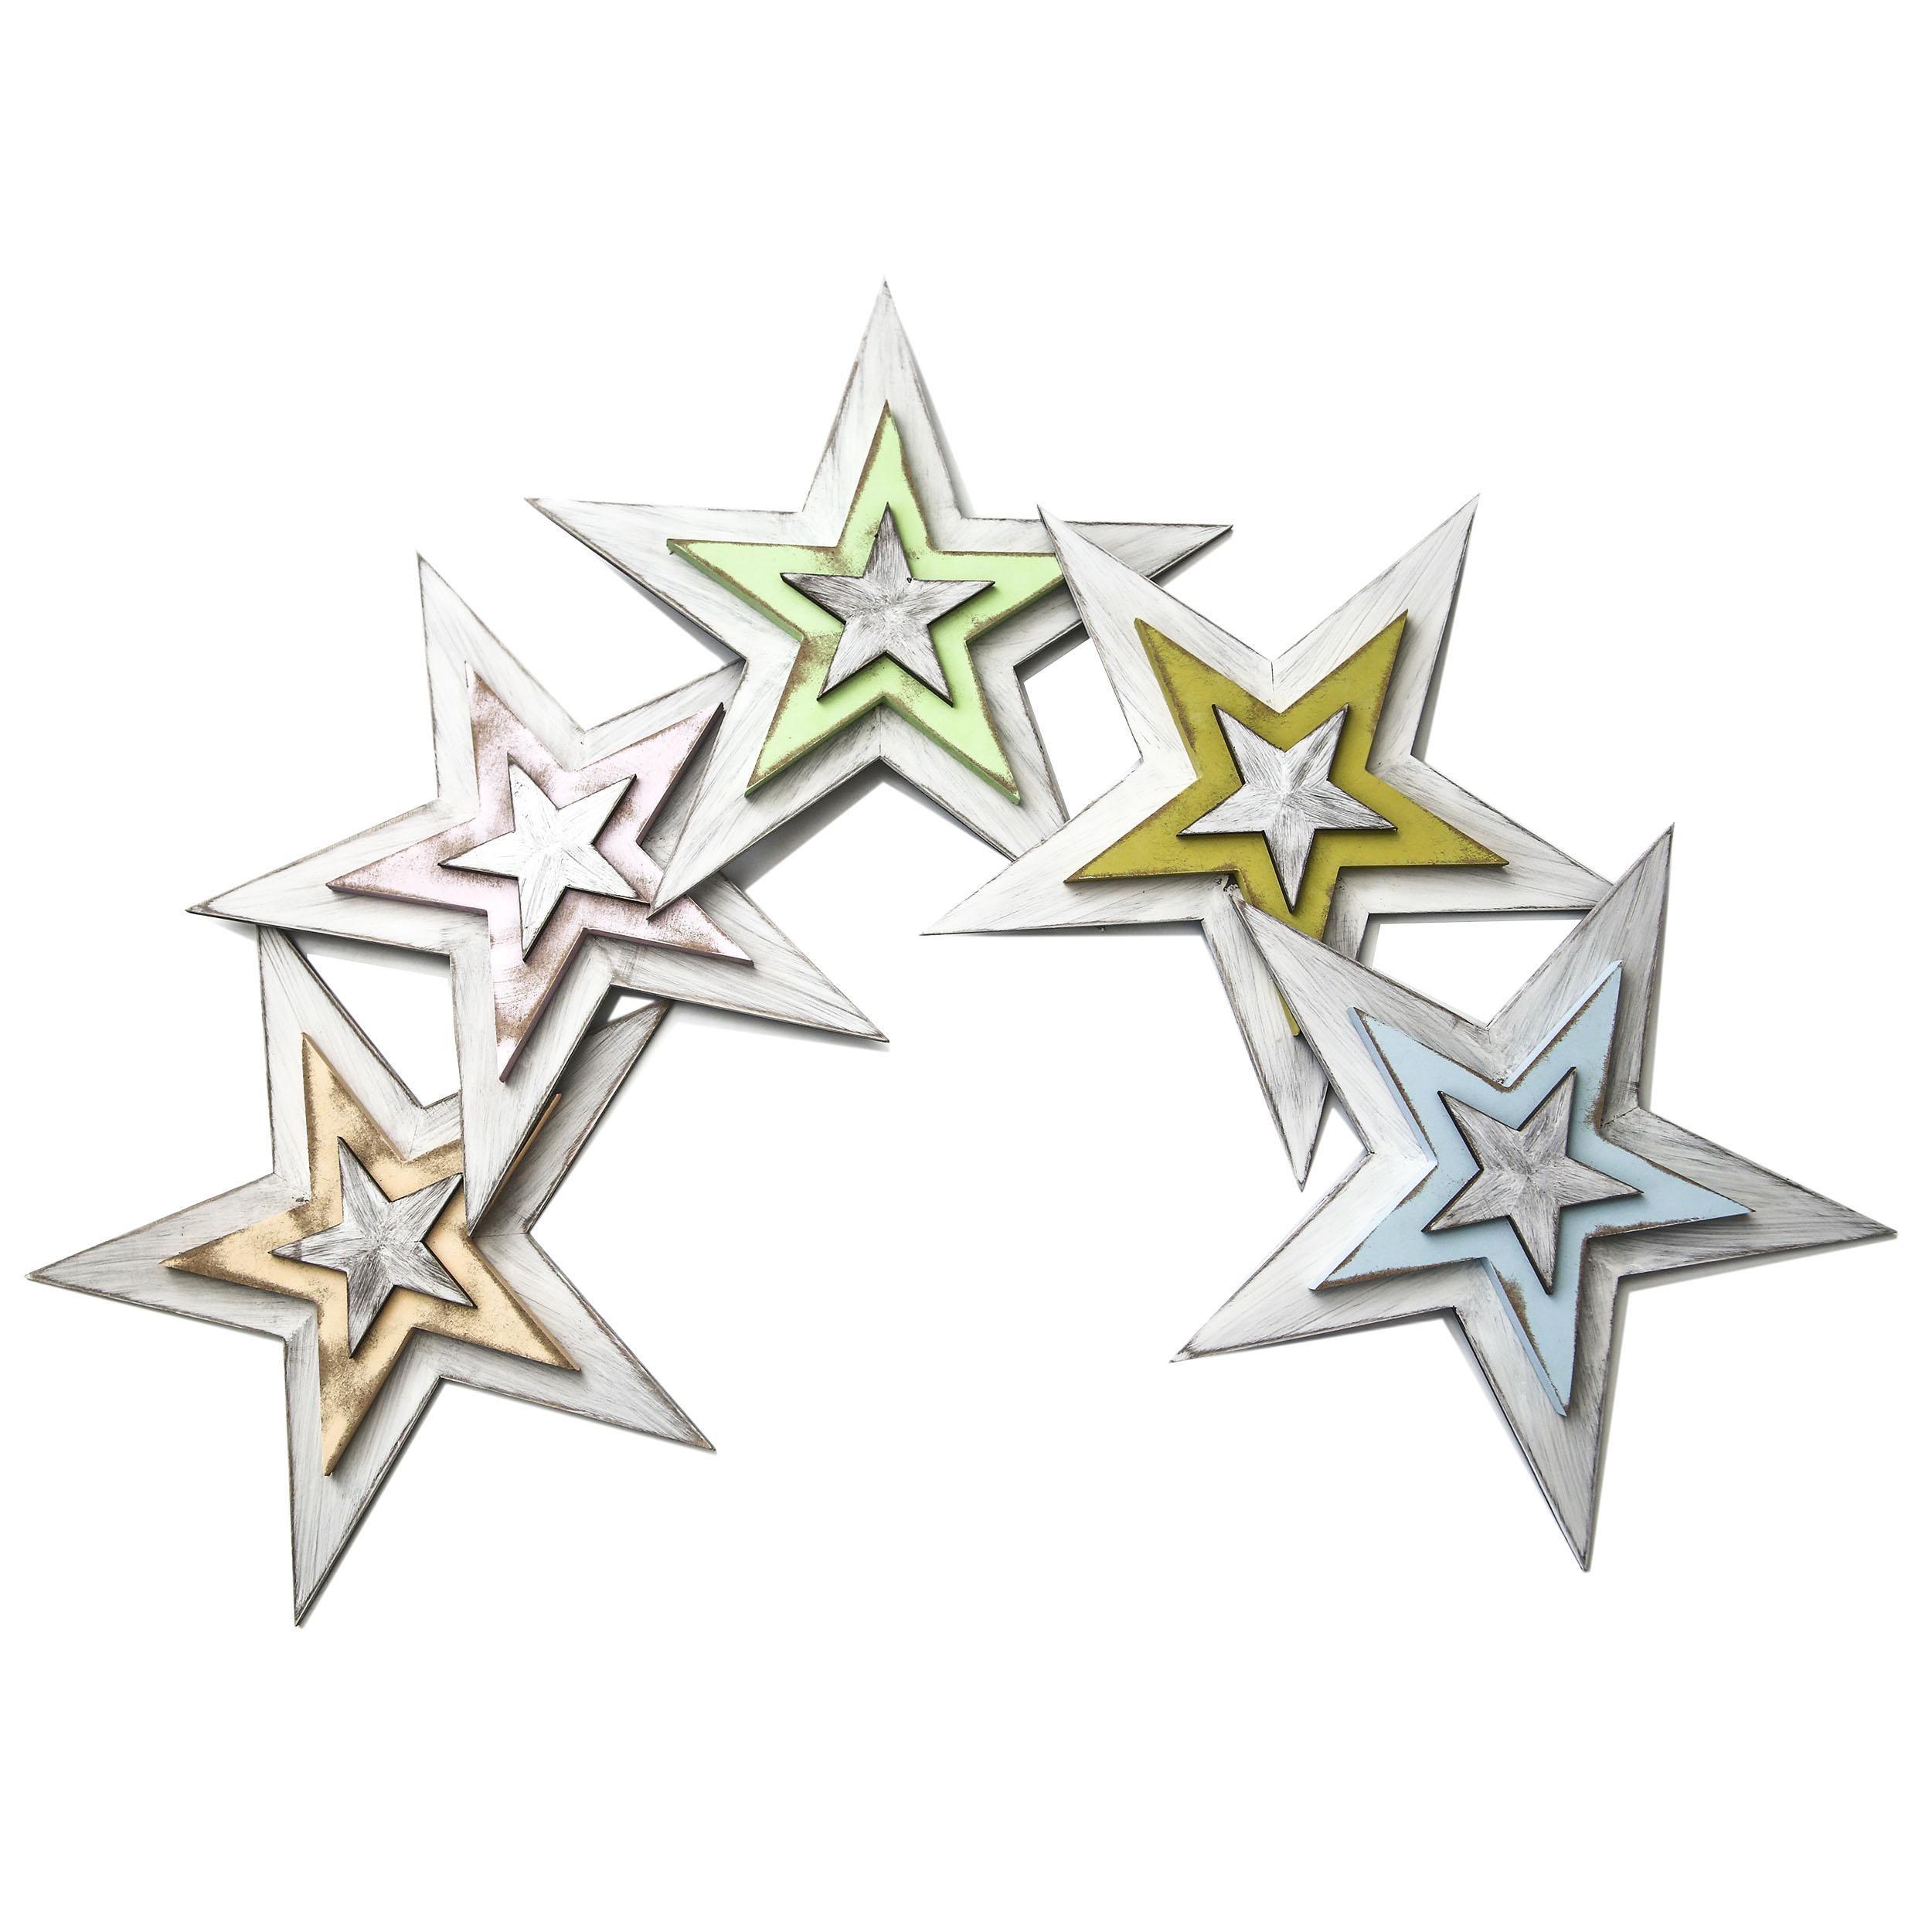 Панно настенное Северное сияниеДругое<br>Набор из 5 предметов: декор настенный деревянный из 5 звезд &amp;quot;Северное сияние&amp;quot;.&amp;lt;div&amp;gt;Материал: многослойная фанера хвойных пород дерева.&amp;lt;br&amp;gt;&amp;lt;/div&amp;gt;<br><br>Material: Дерево<br>Ширина см: 48.0<br>Высота см: 48.0<br>Глубина см: 3.5